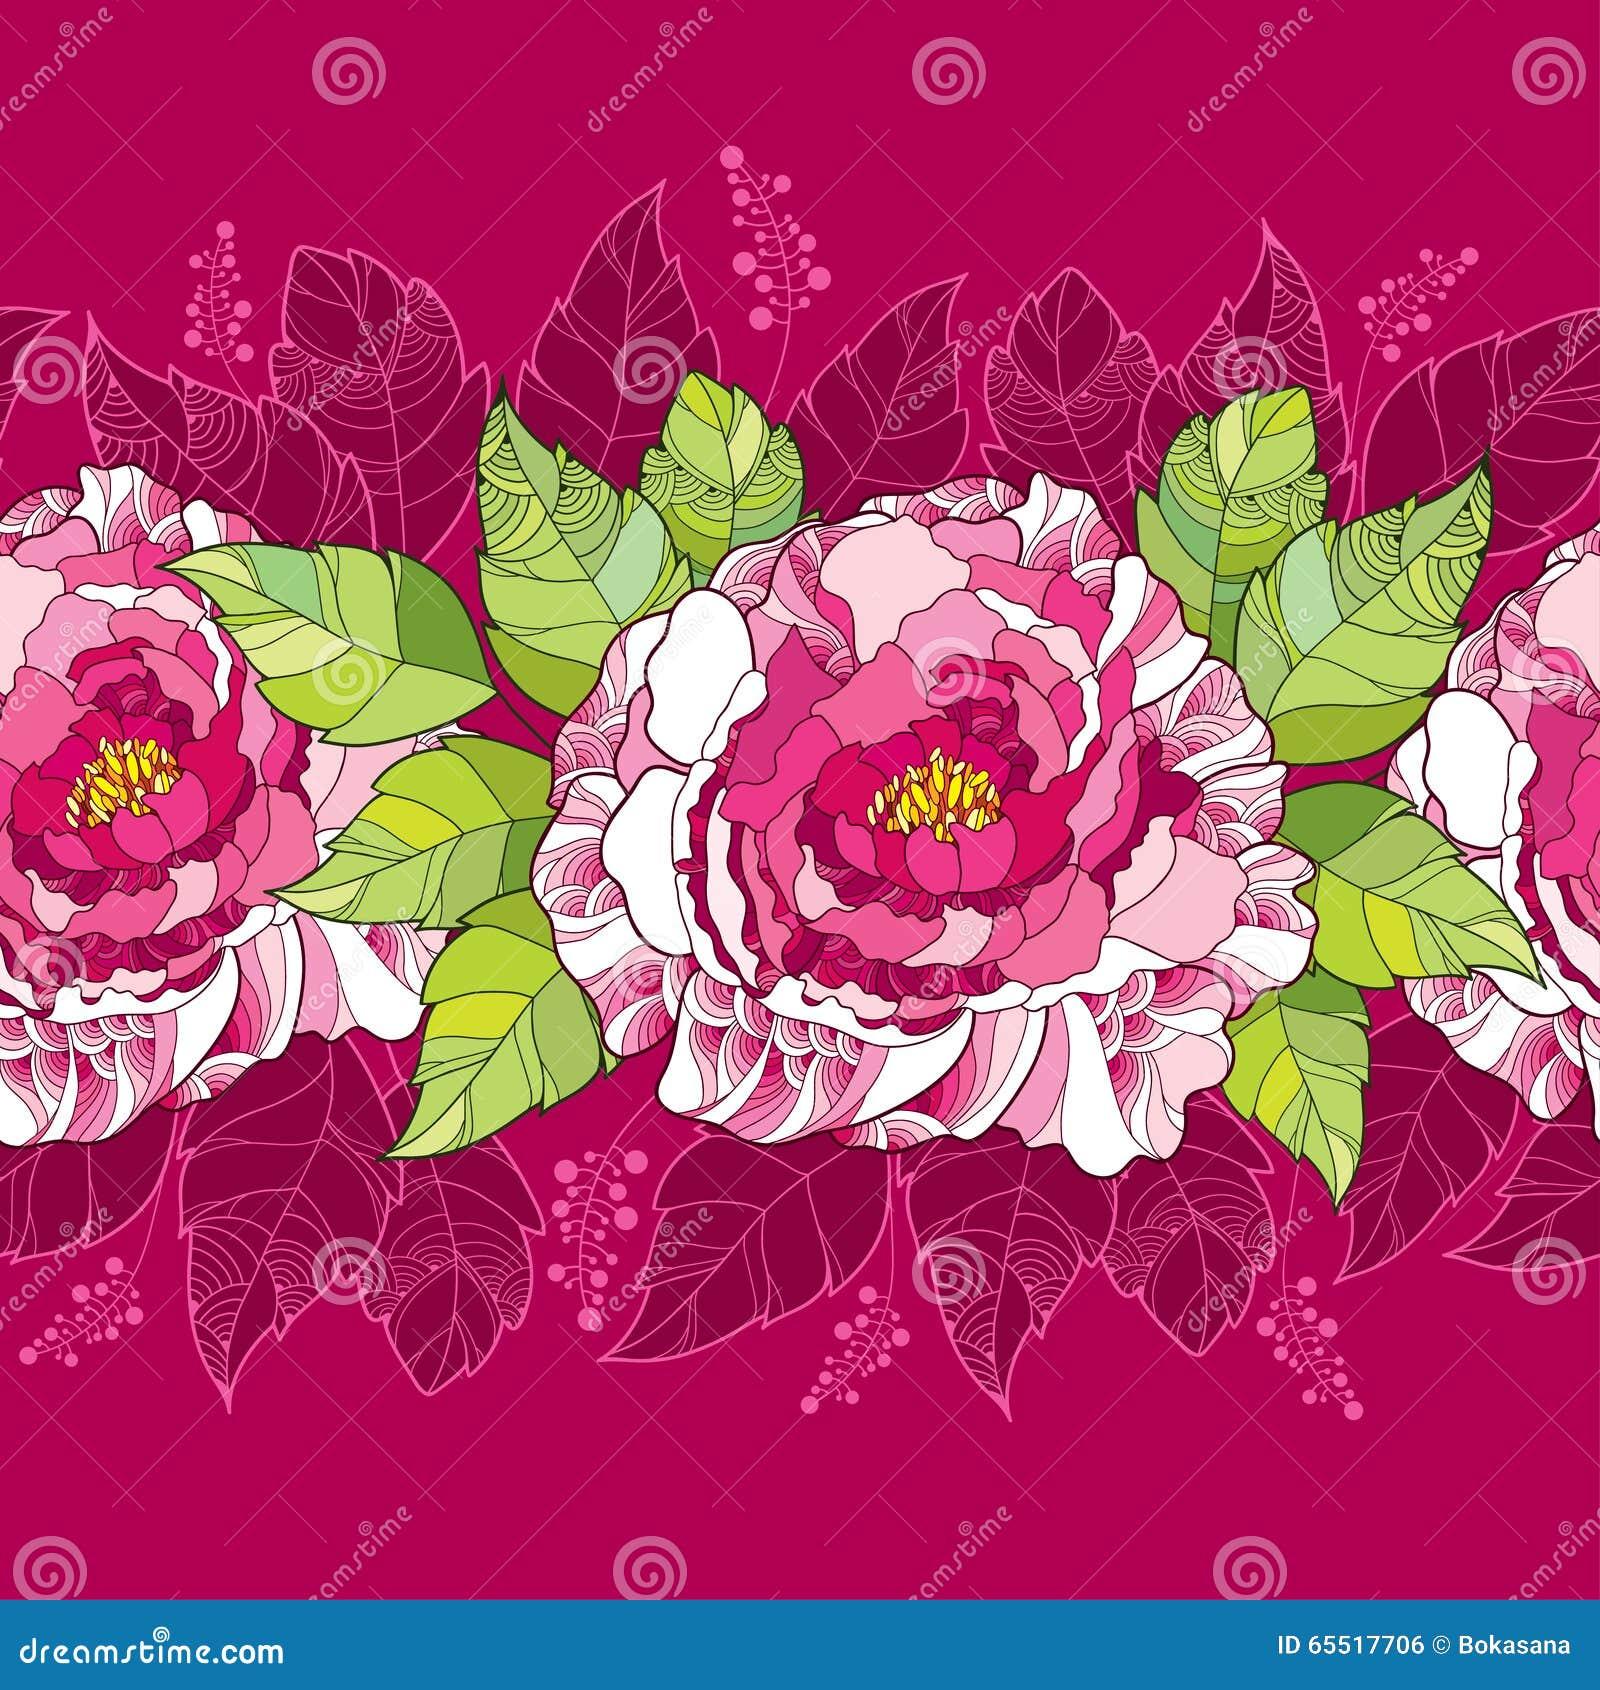 Άνευ ραφής σχέδιο με το peony λουλούδι στα ρόδινα και πράσινα φύλλα στο σκοτεινό υπόβαθρο